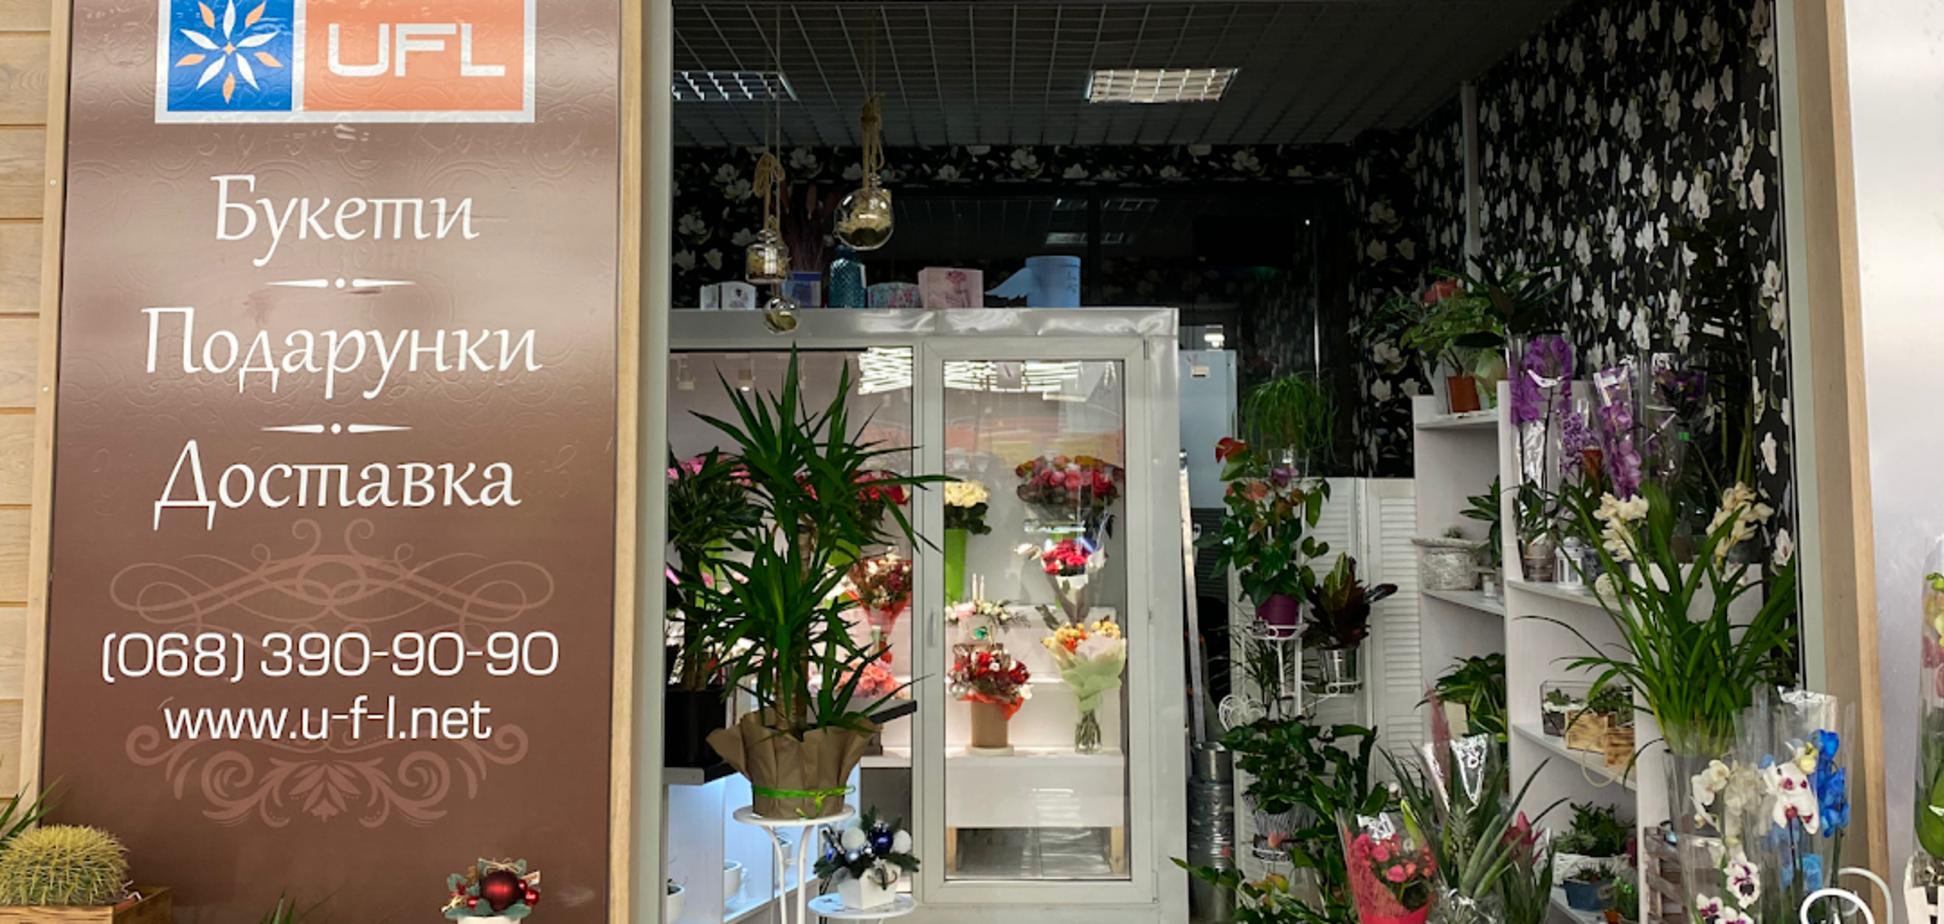 Цветочная сеть UFL открыла еще один магазин в Киеве